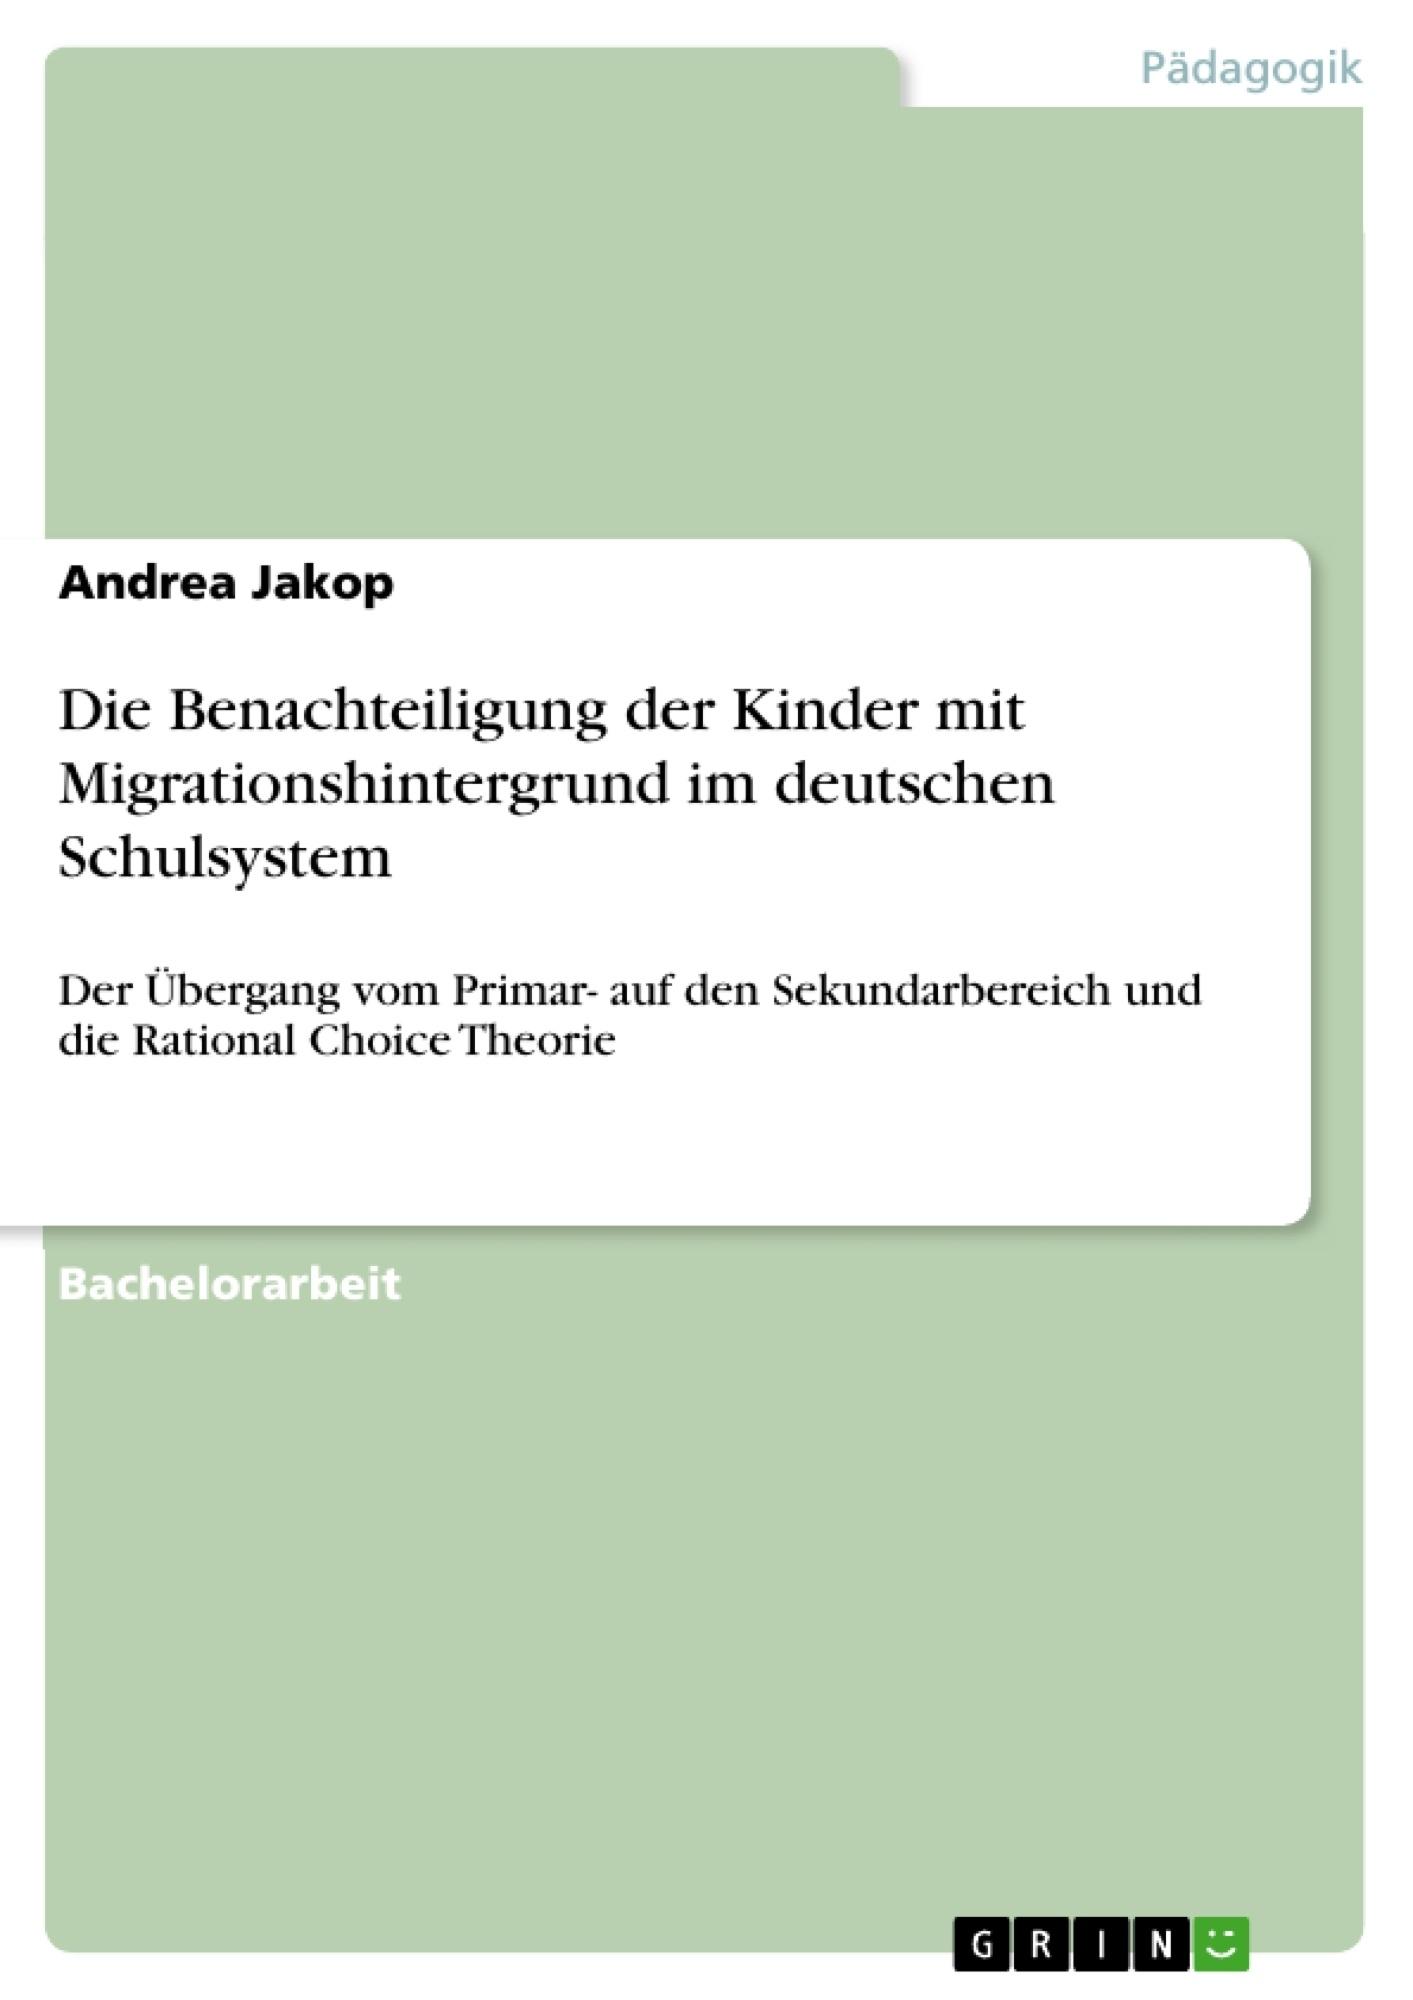 Titel: Die Benachteiligung der Kinder mit Migrationshintergrund im deutschen Schulsystem